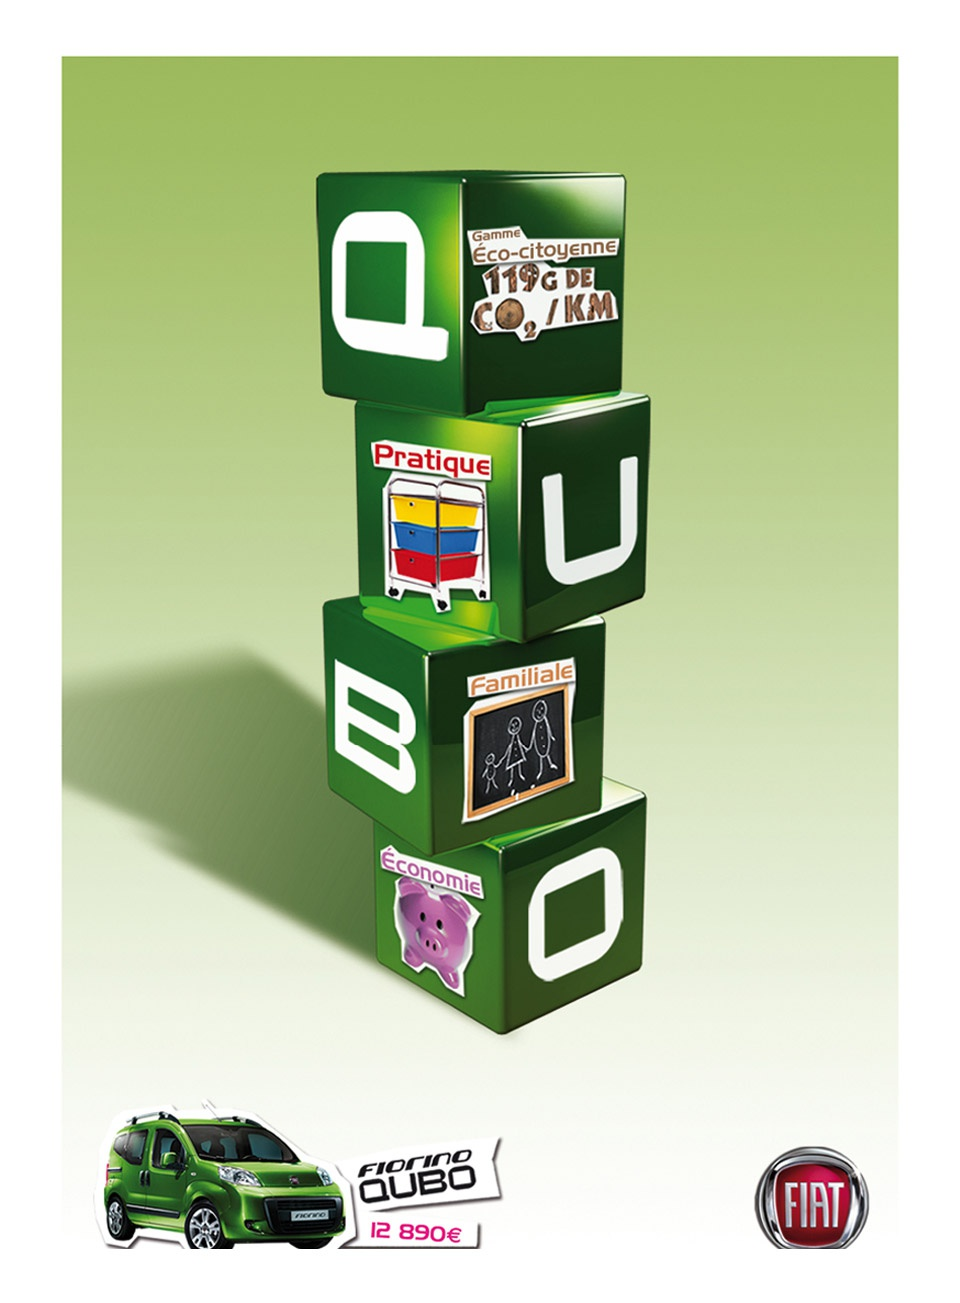 Print Qubo